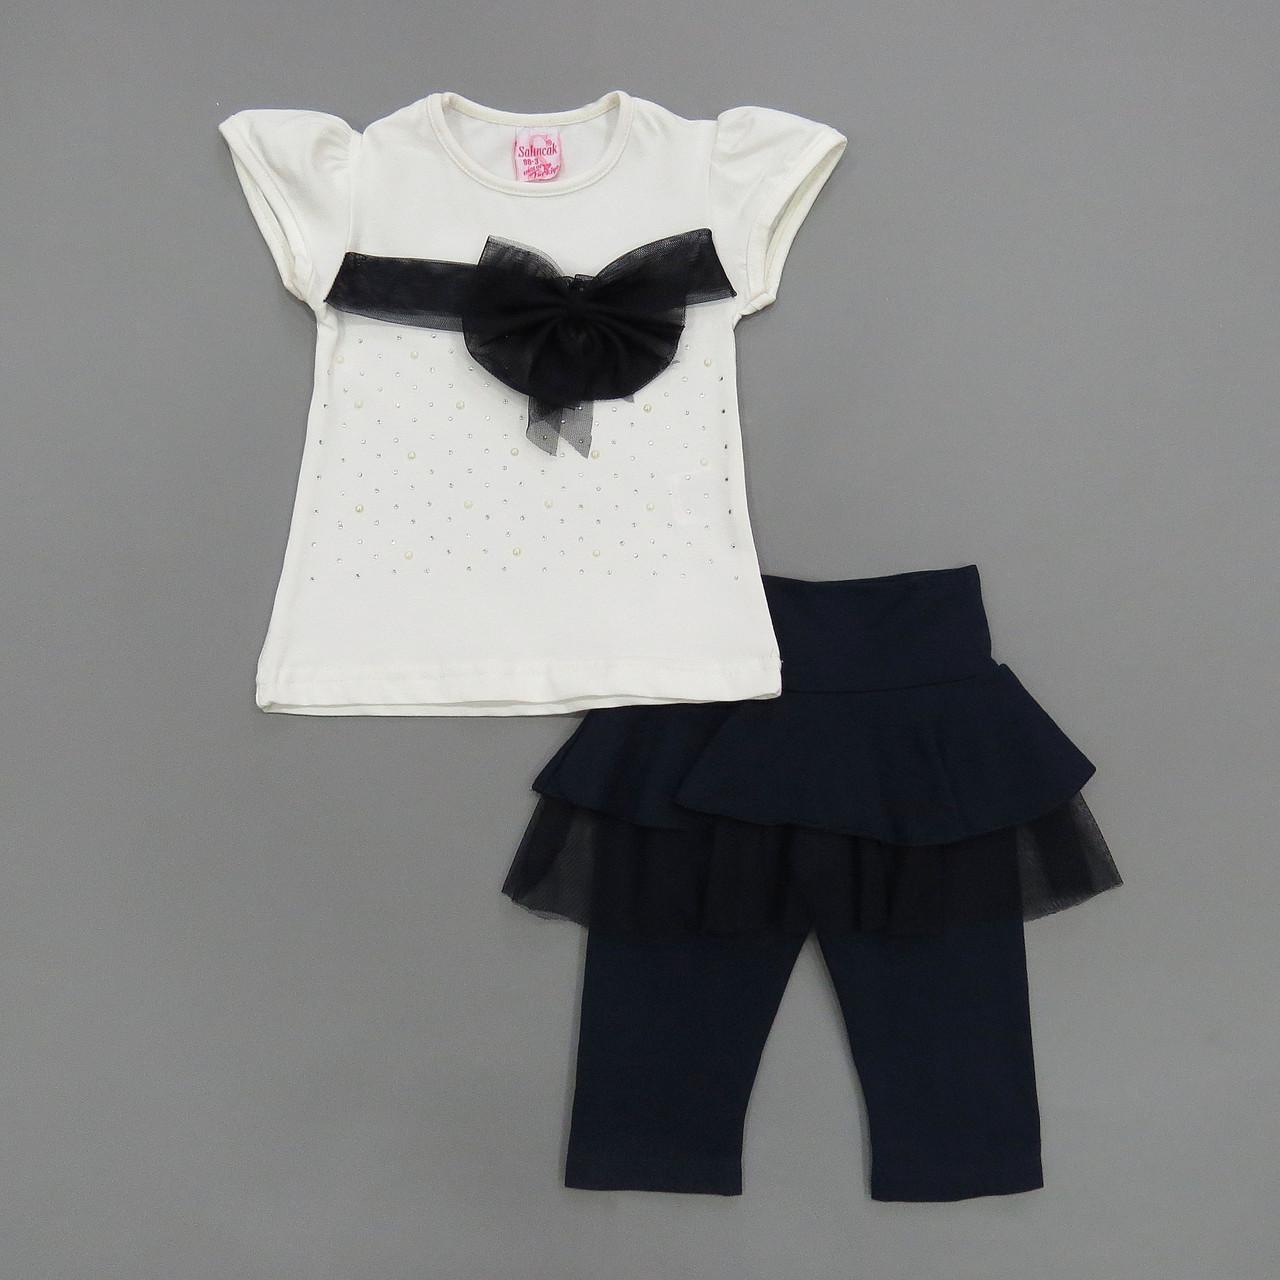 Летний костюм для девочки. Маломерит. 98, 104 см